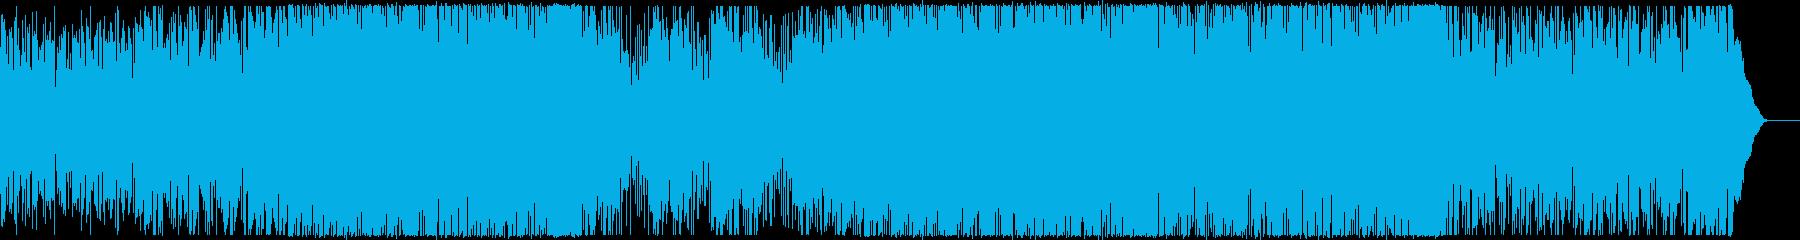 ほのぼの・おしゃれ・CM・ジャズの再生済みの波形